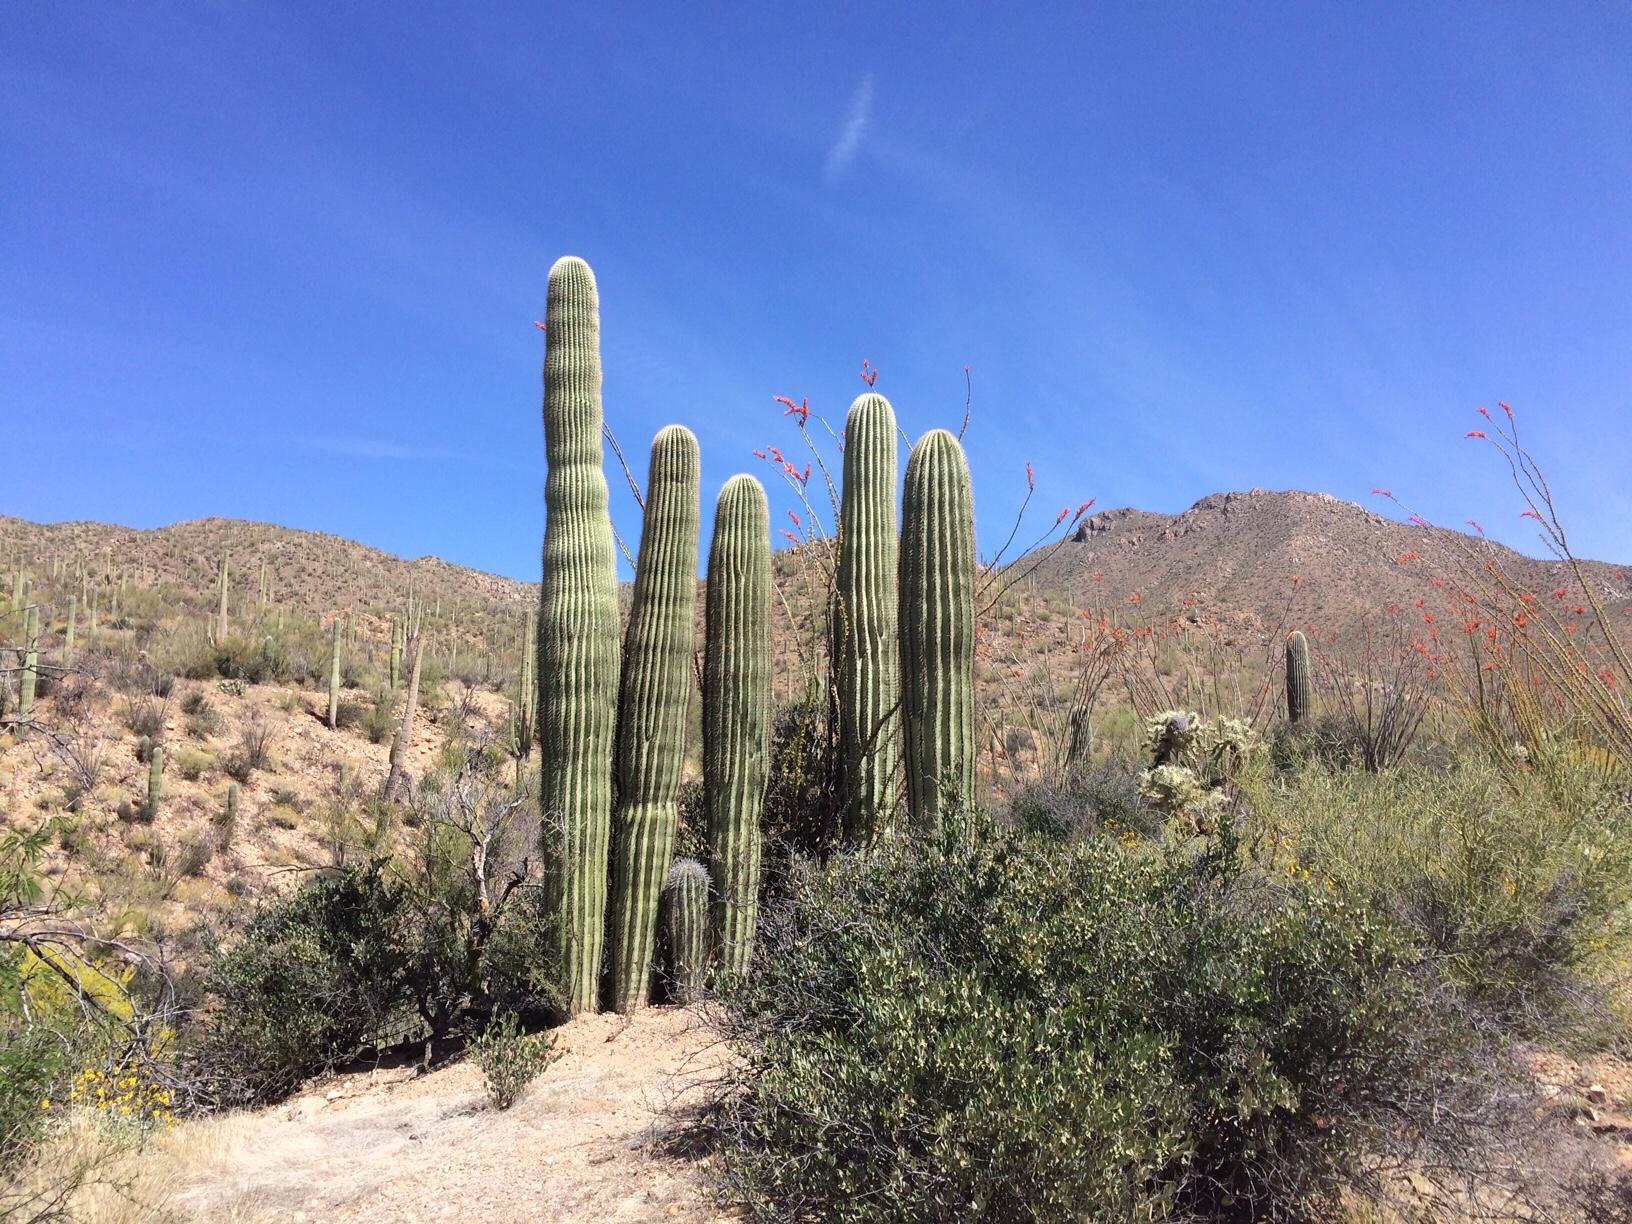 Six saguaros